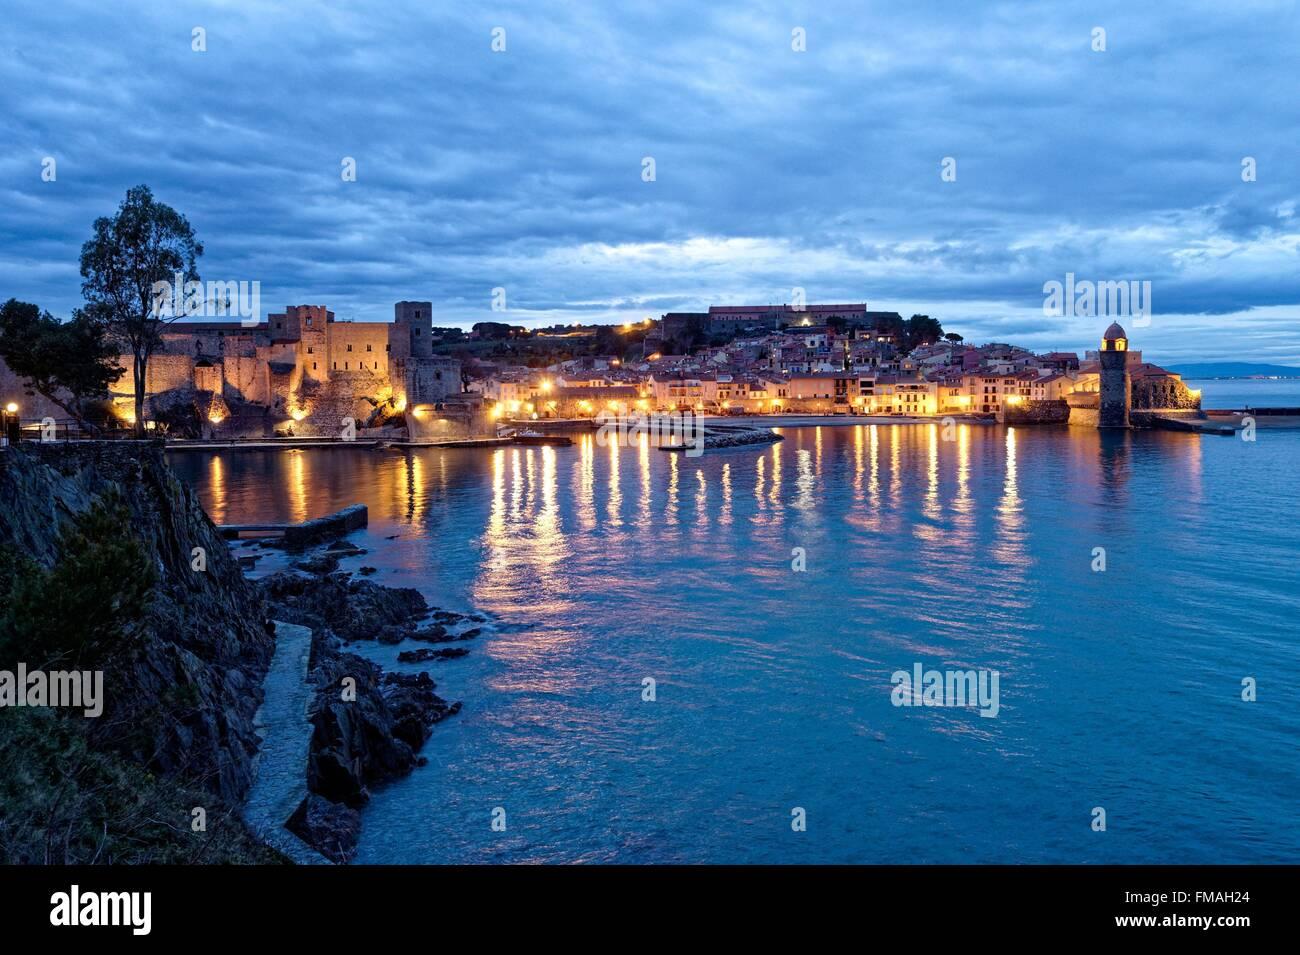 Francia, Pirineos Orientales, Collioure, iglesia de Notre Dame des Anges, el castillo real de fecha siglo xiii Imagen De Stock